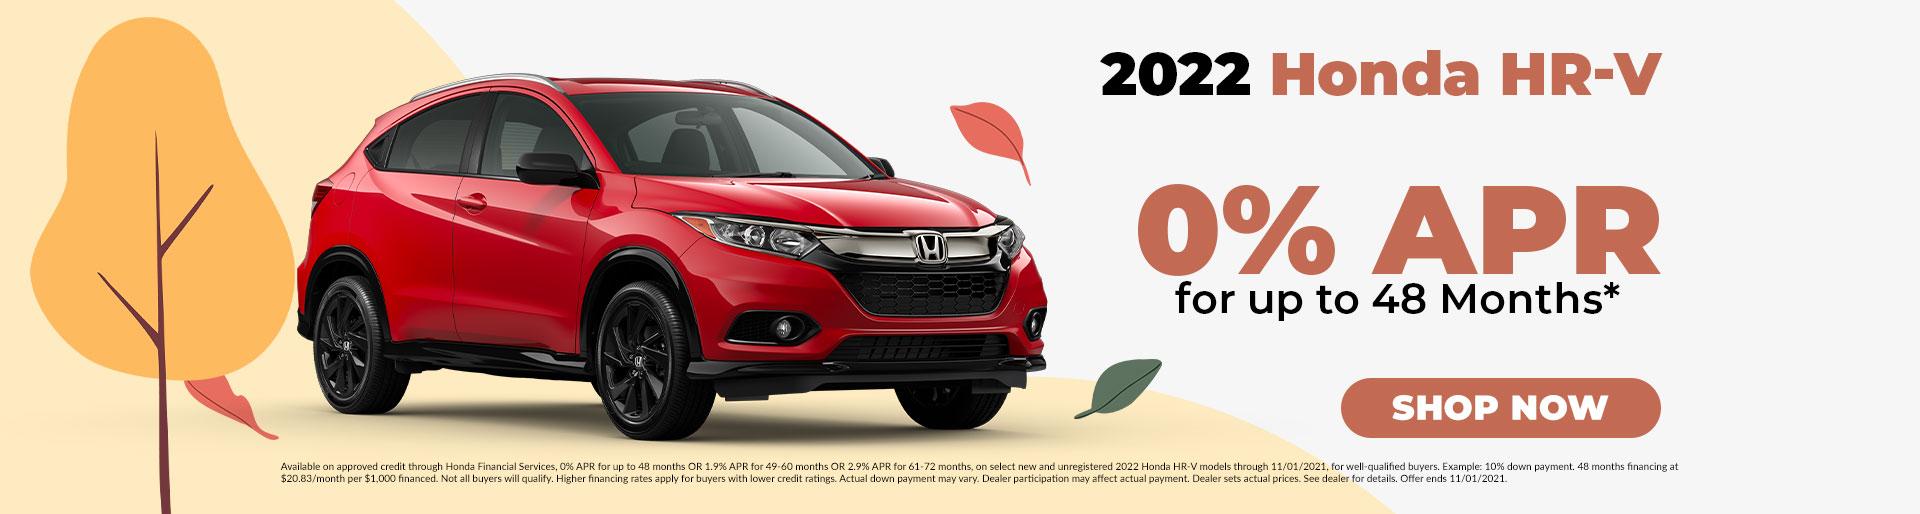 2022 Honda HR-V Offer in Jefferson City, MO